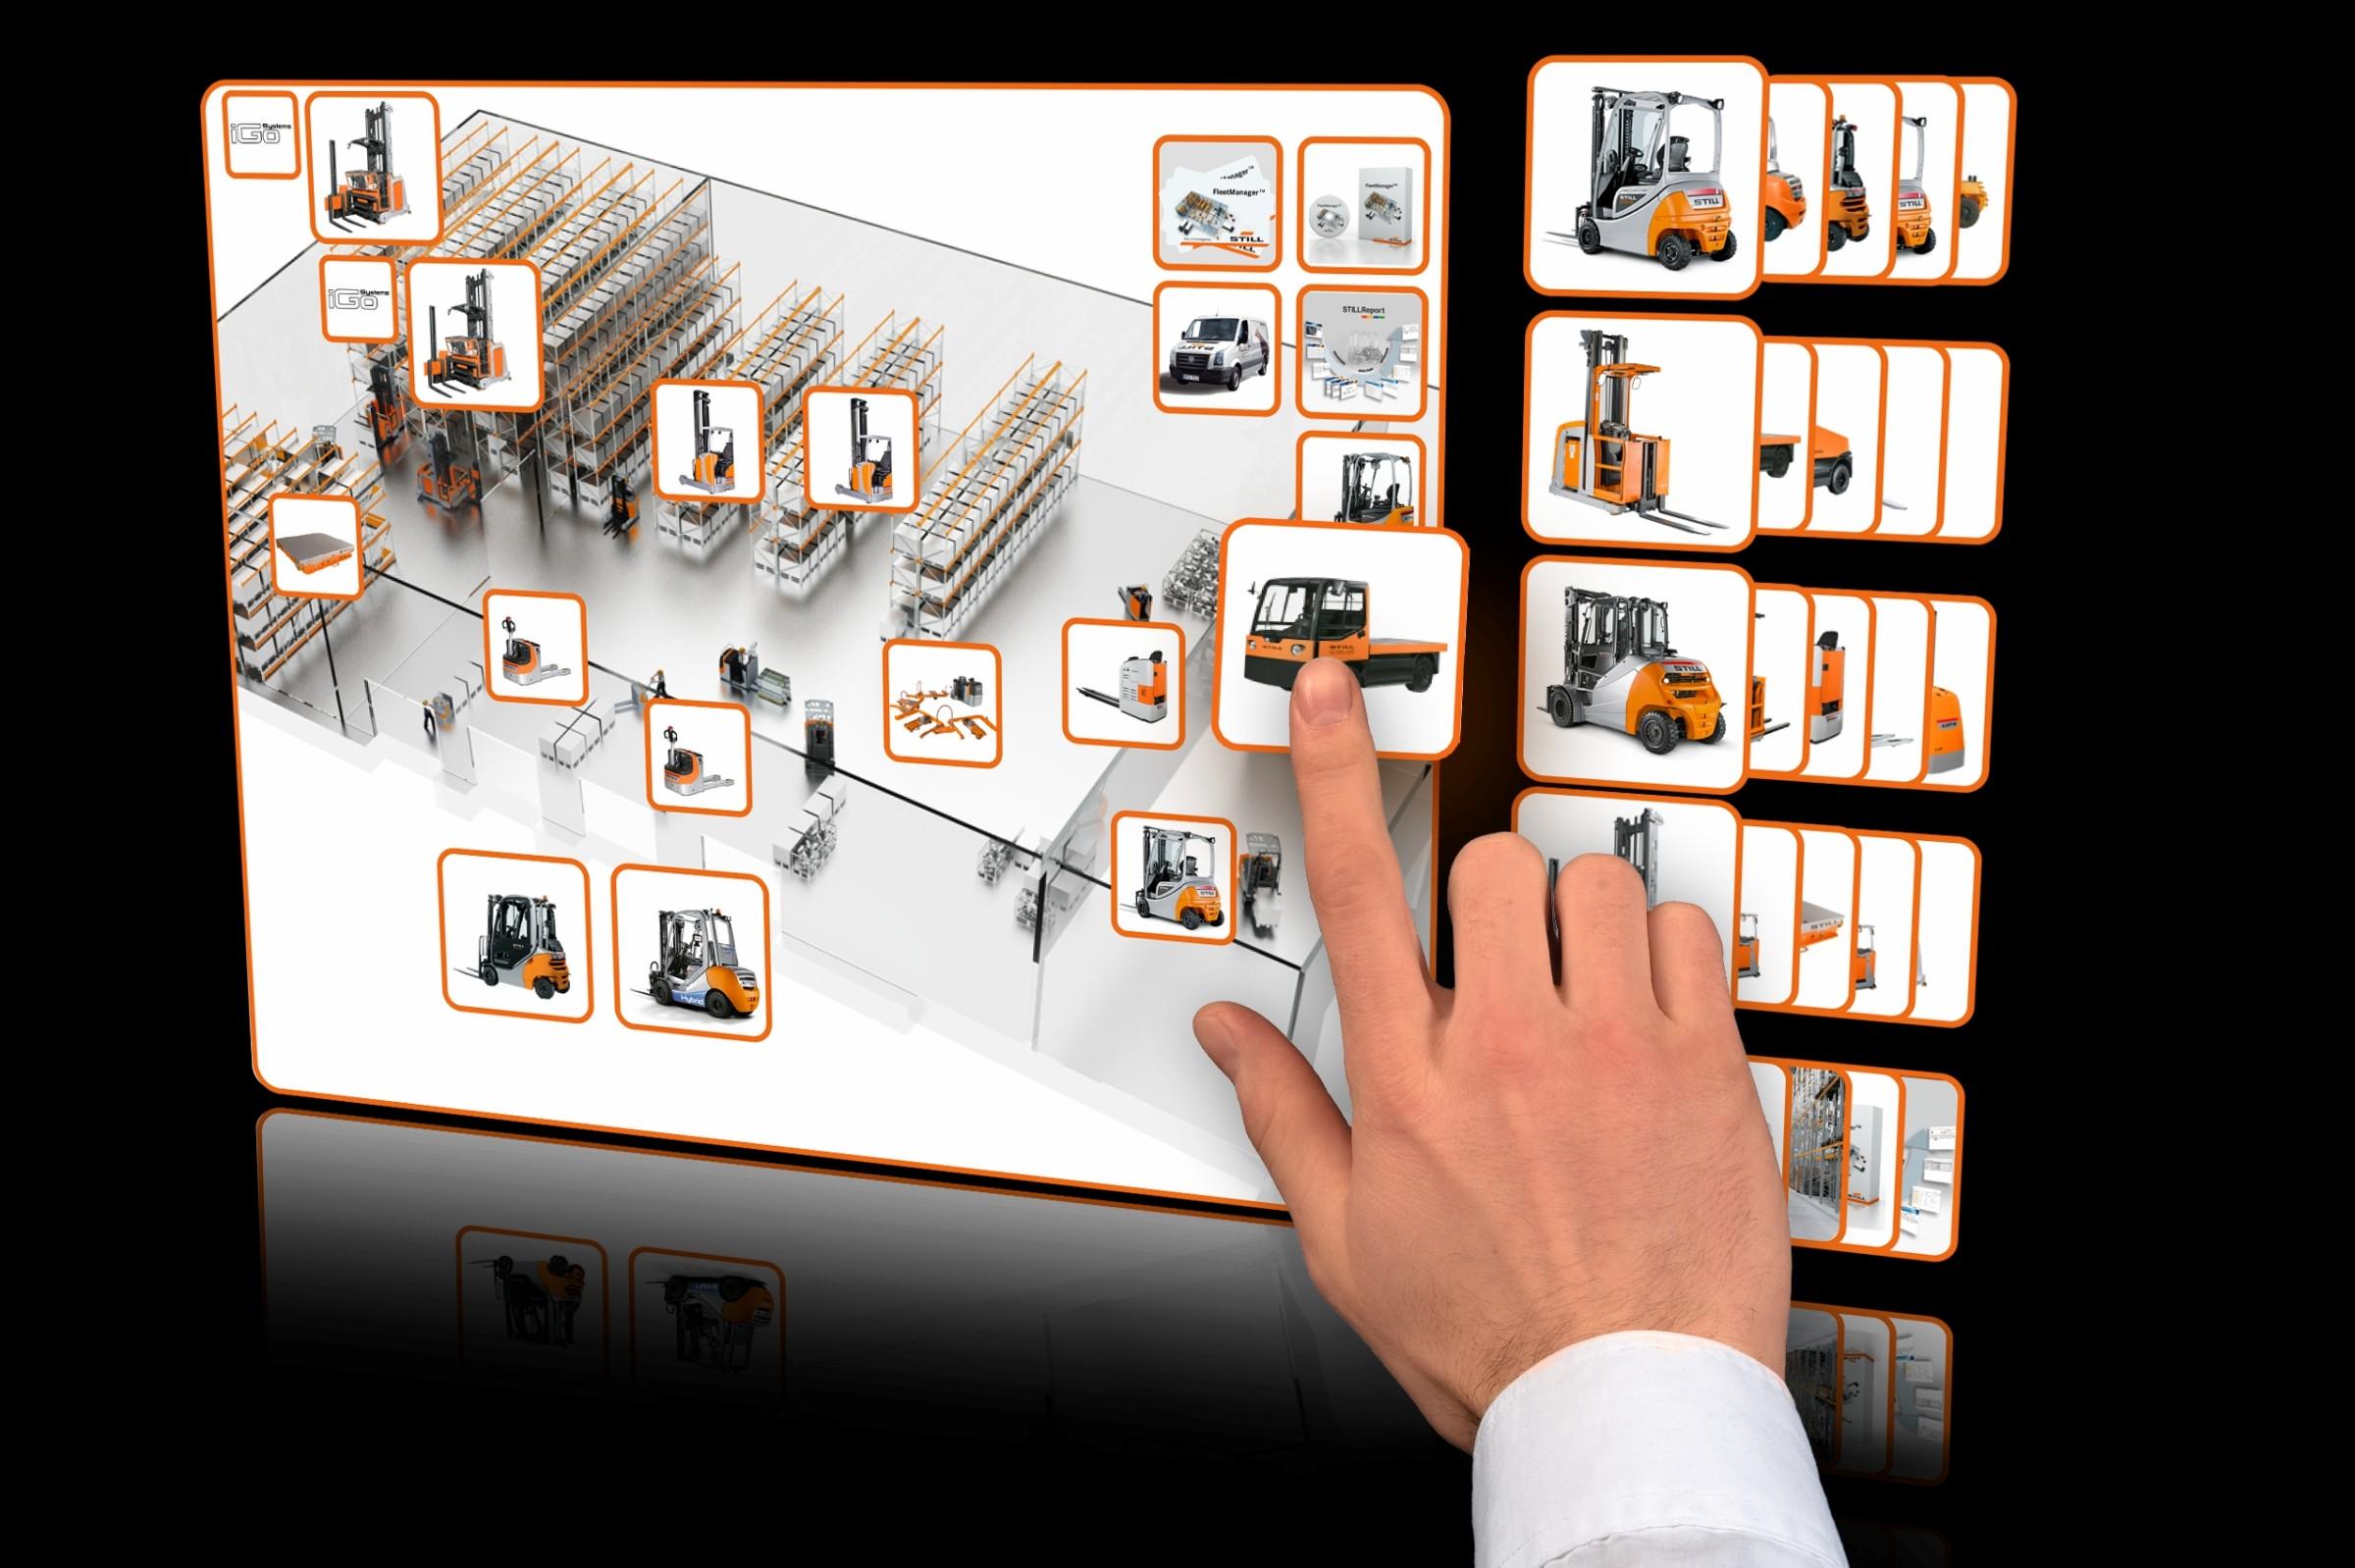 Bild 2 Der StillFleetManager erstellt Berichte, mit deren Hilfe er die Nutzung der Flotte verbessert. Bild: Still